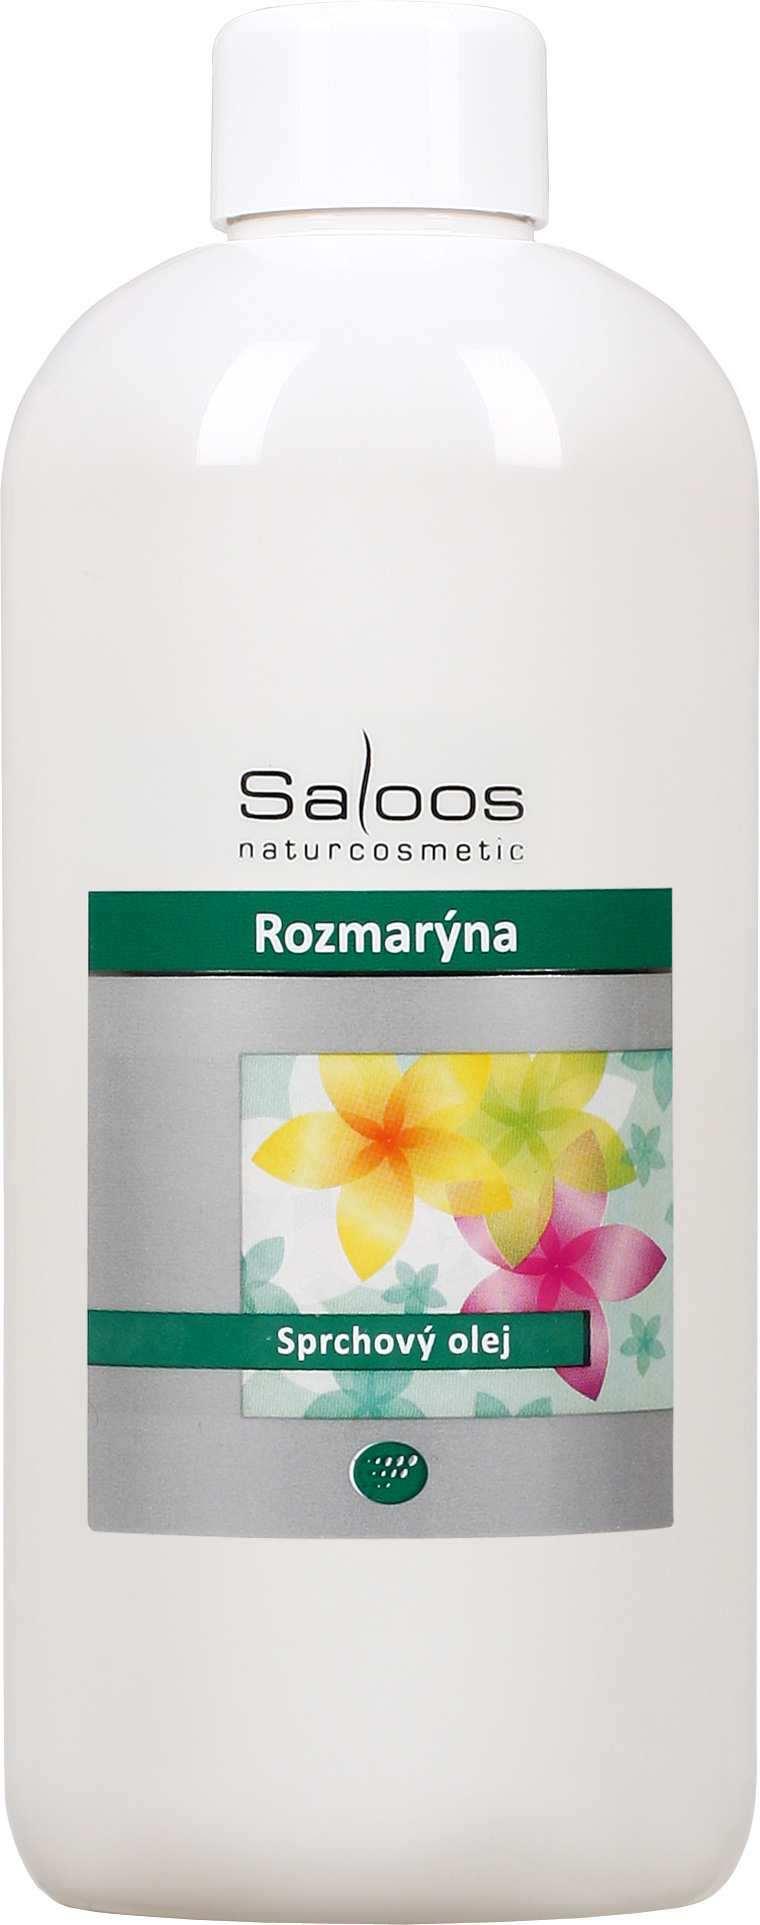 SALOOS Rozmarýna - sprchový olej Balení: 500 ml